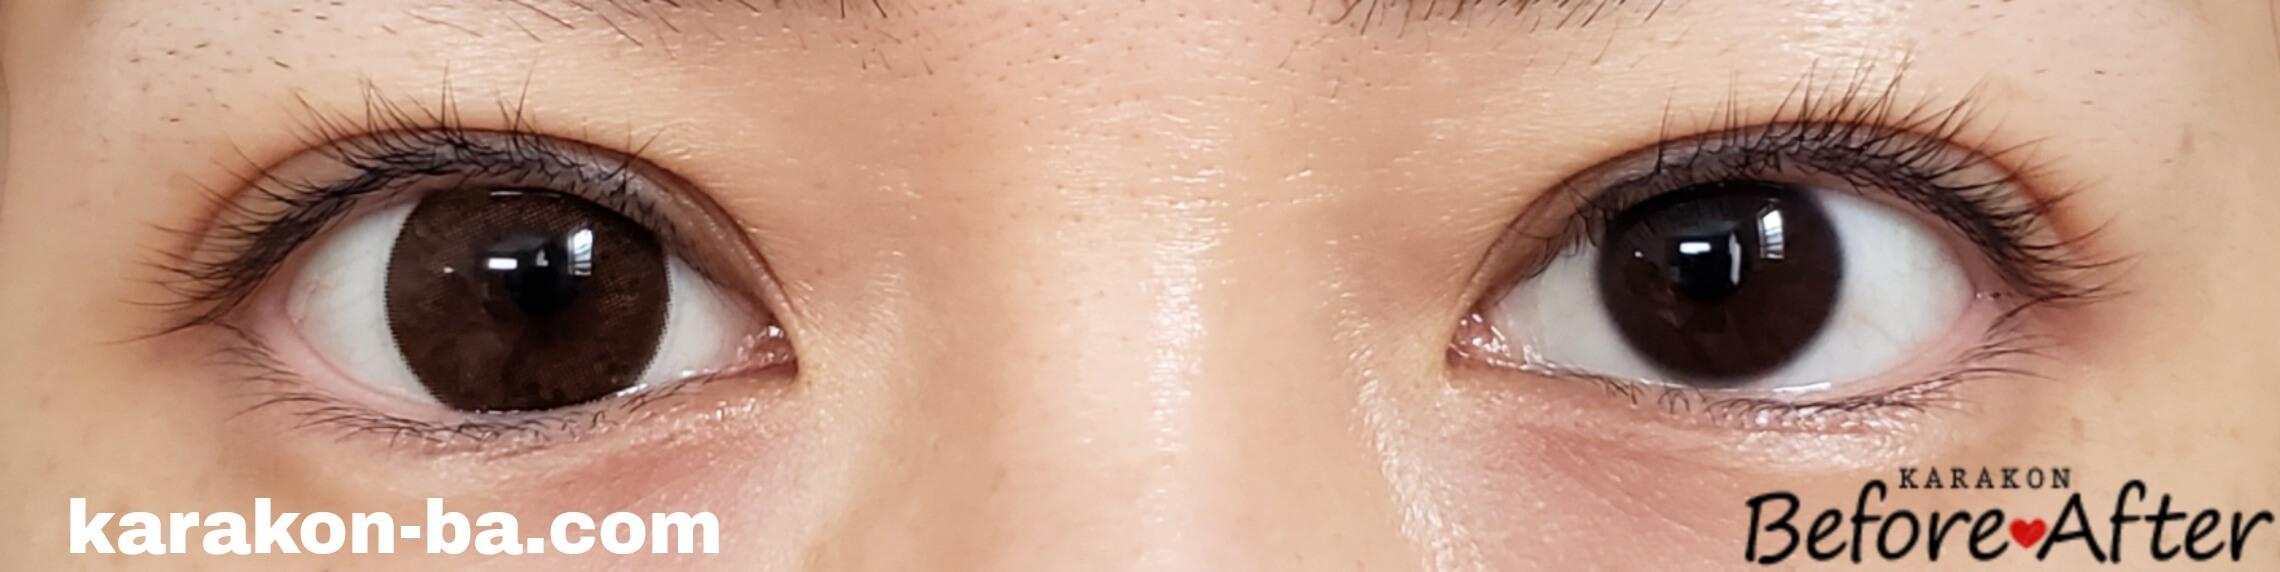 セピアのカラコン装着画像/裸眼と比較